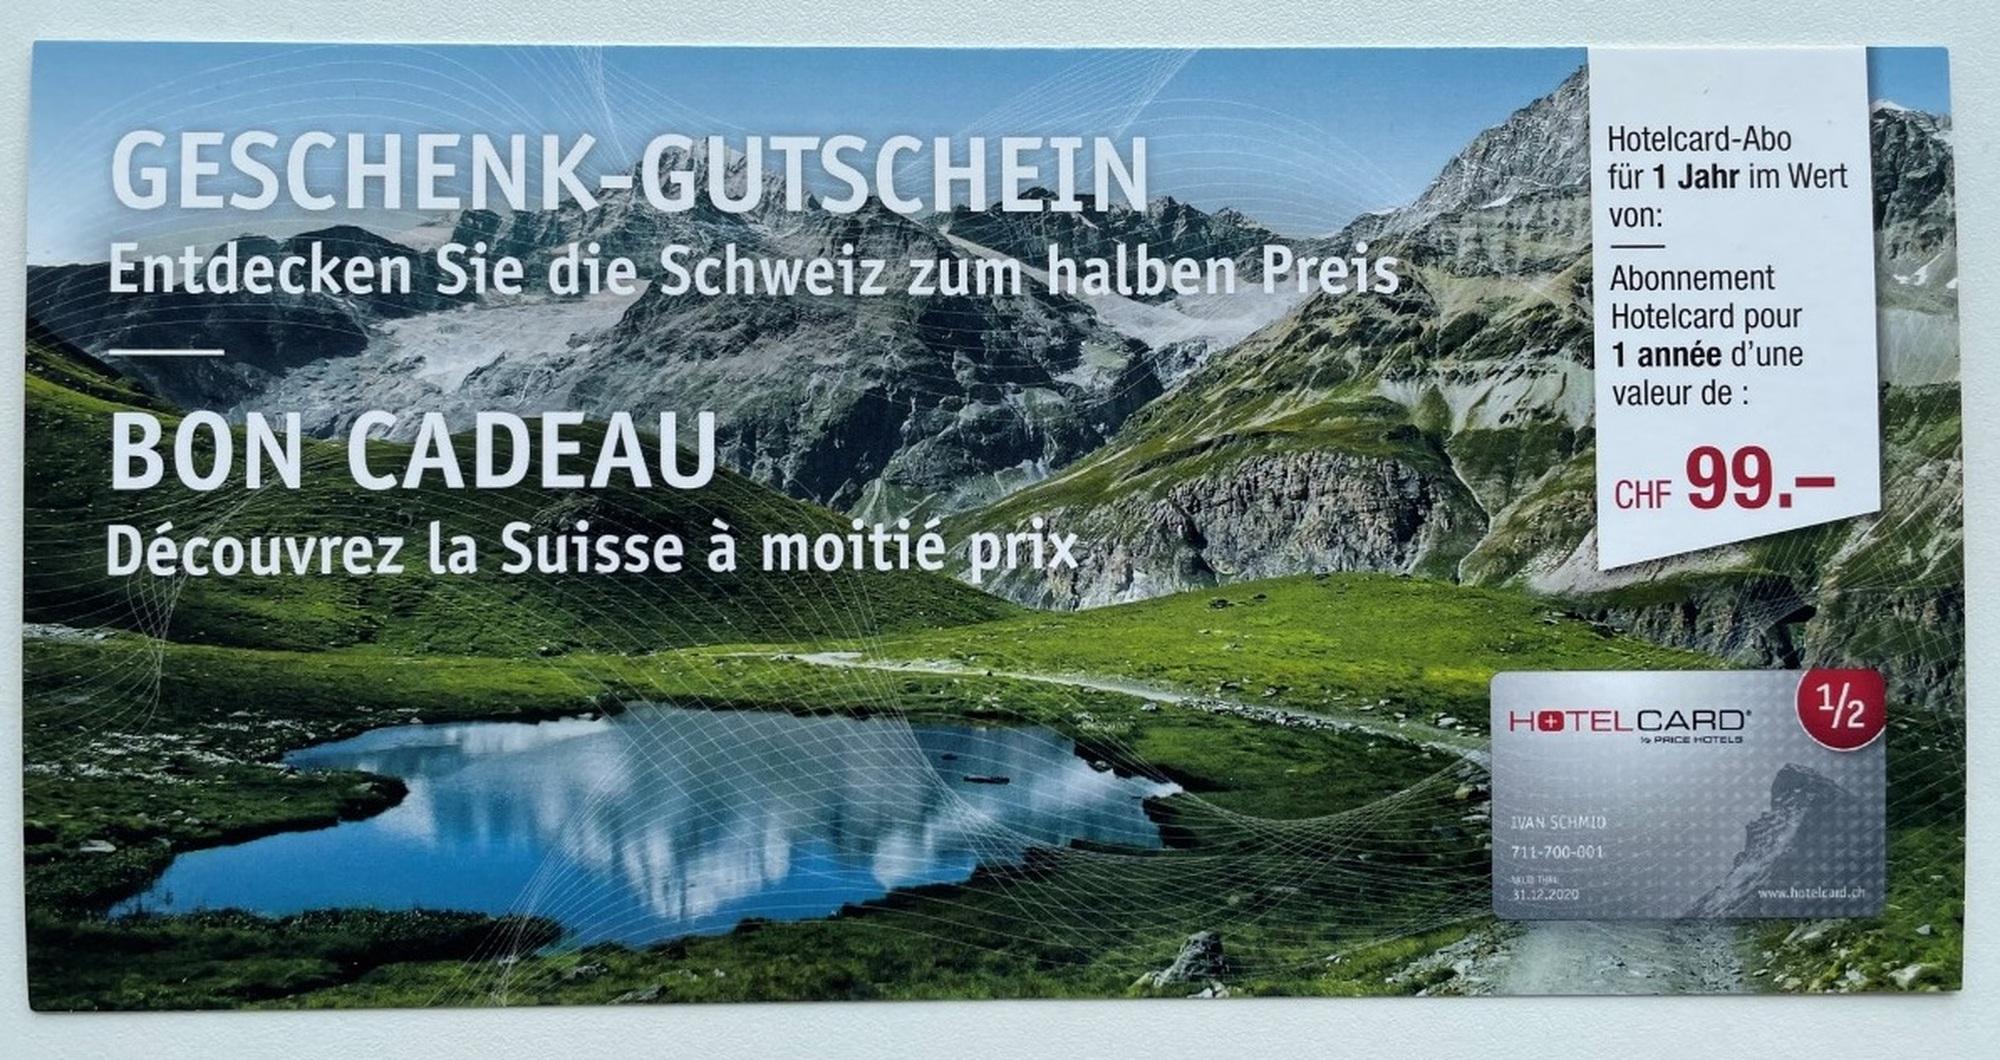 Gewinnspiel: Hotelcard im Wert von CHF 99.00